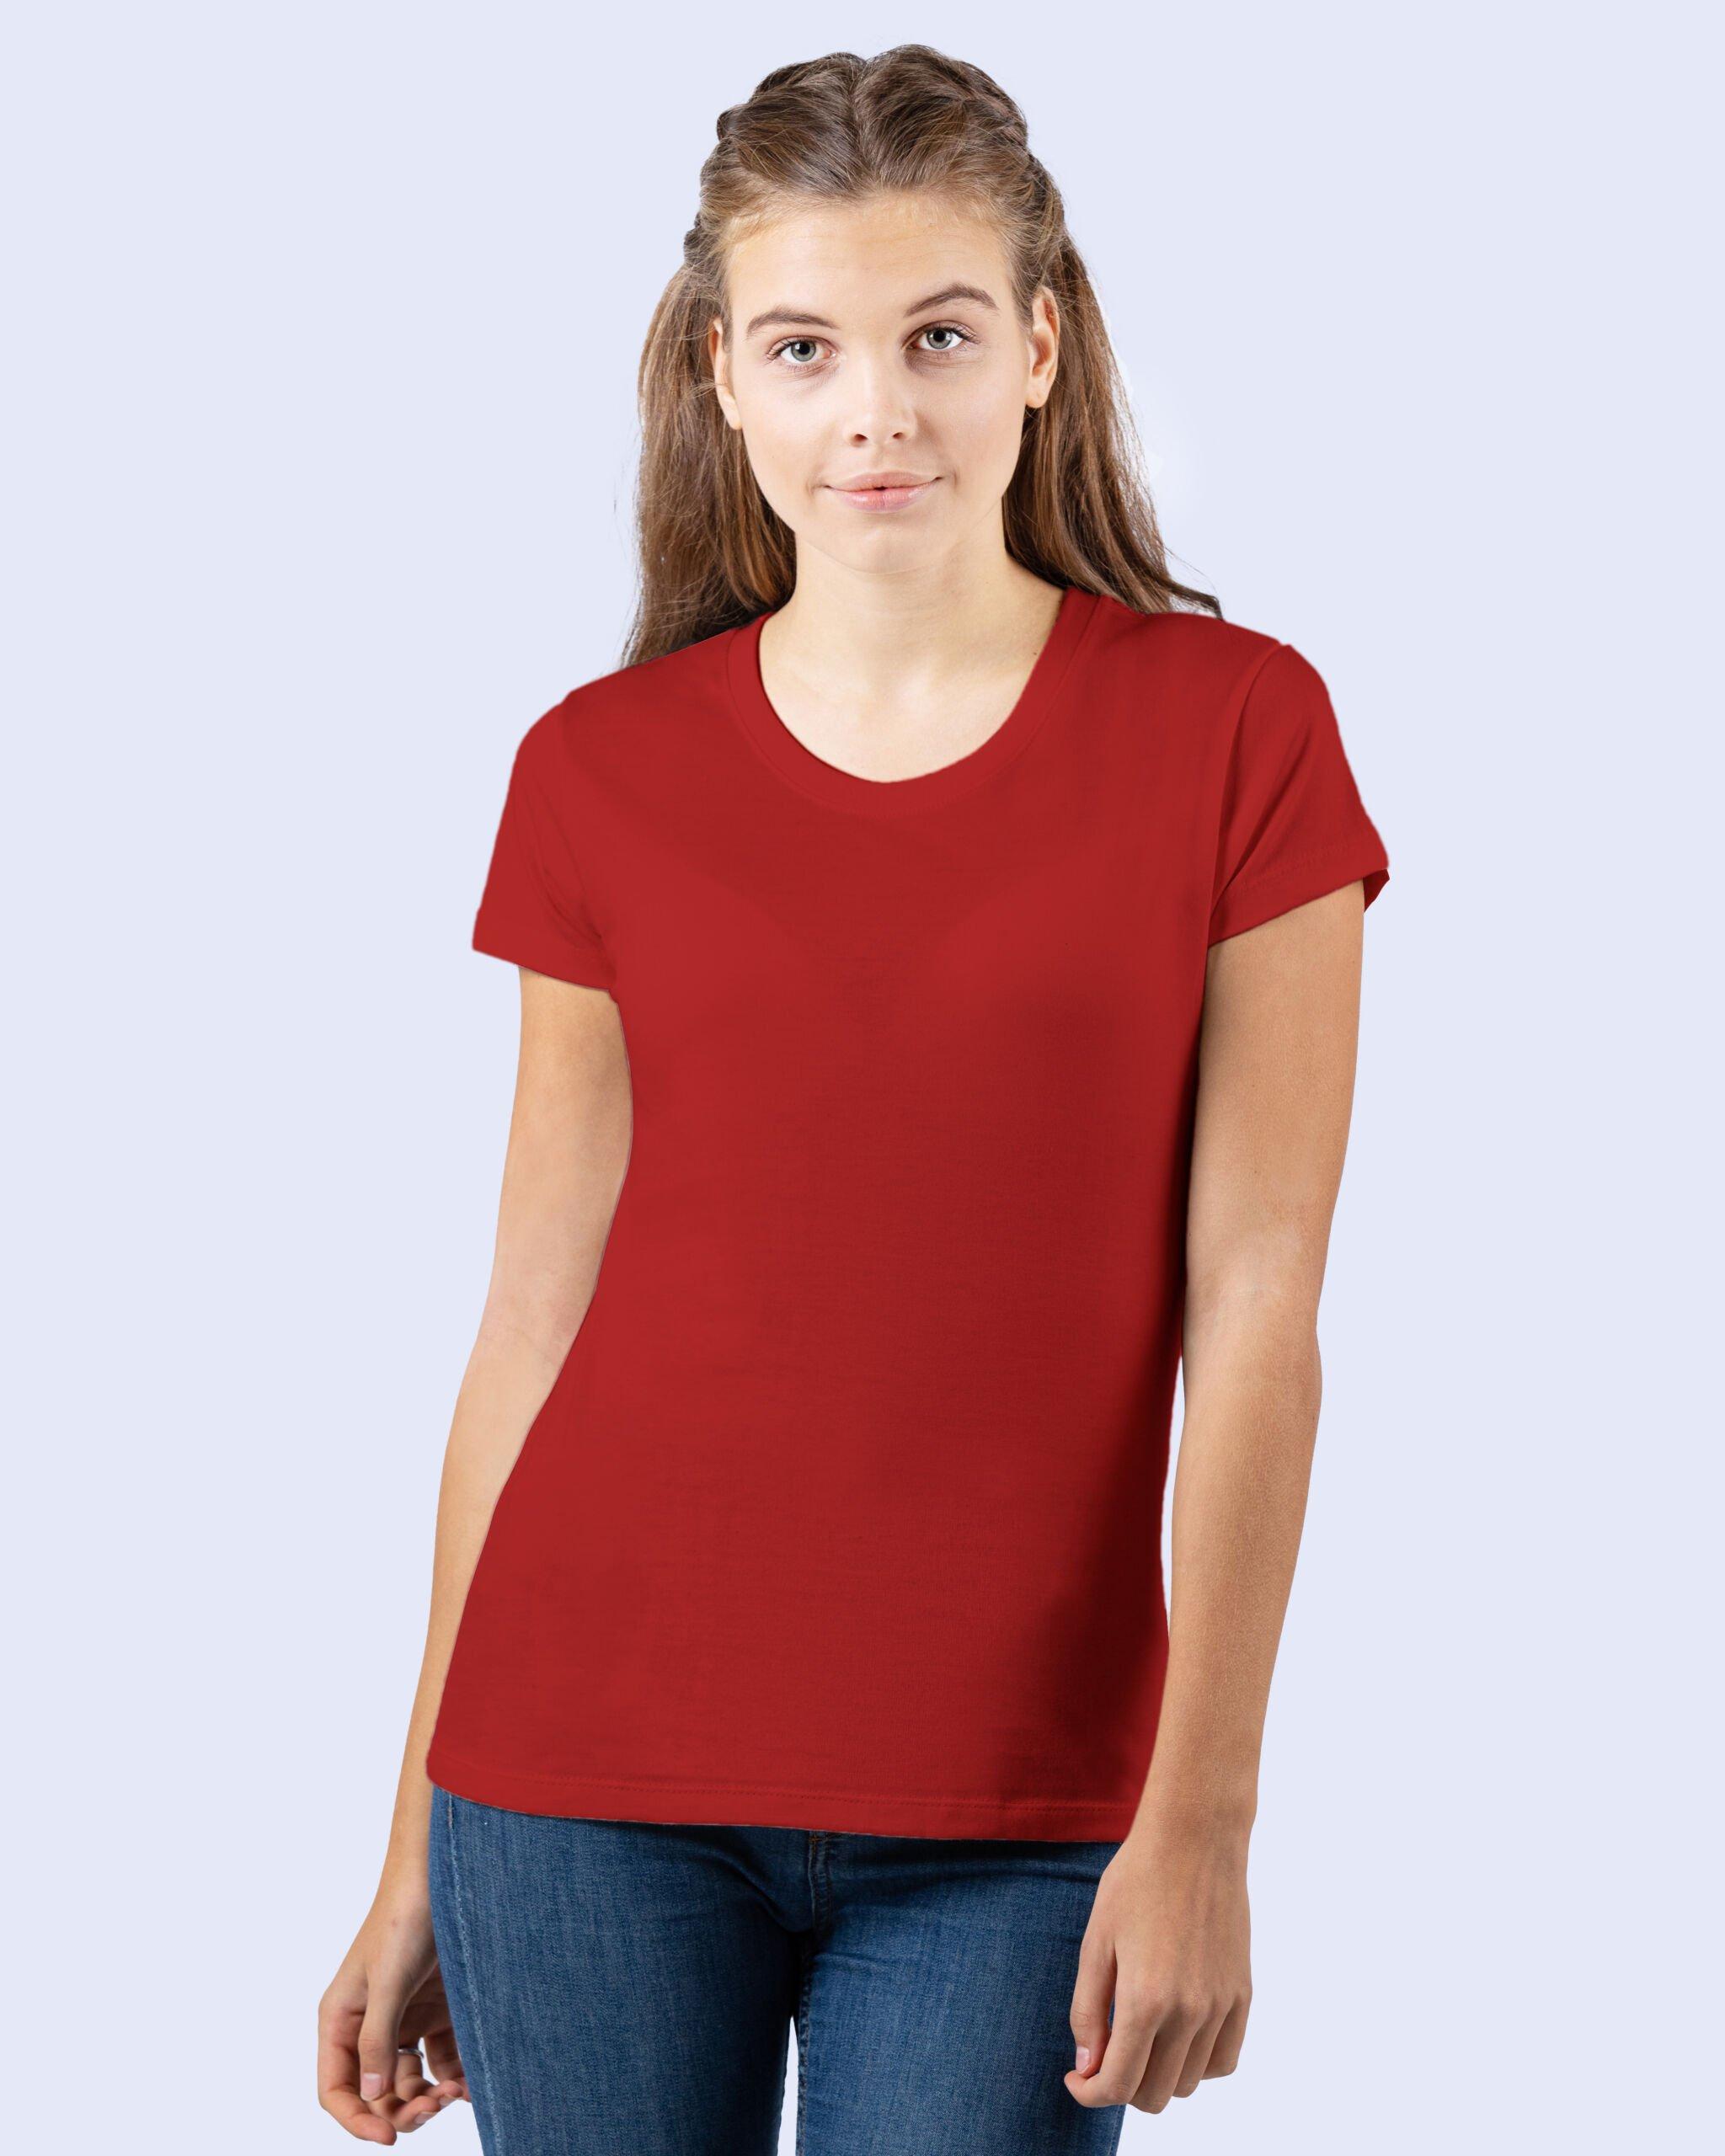 Økologisk Kvinde T-shirt I En 165g/m2 Kvalitet [swgl2]